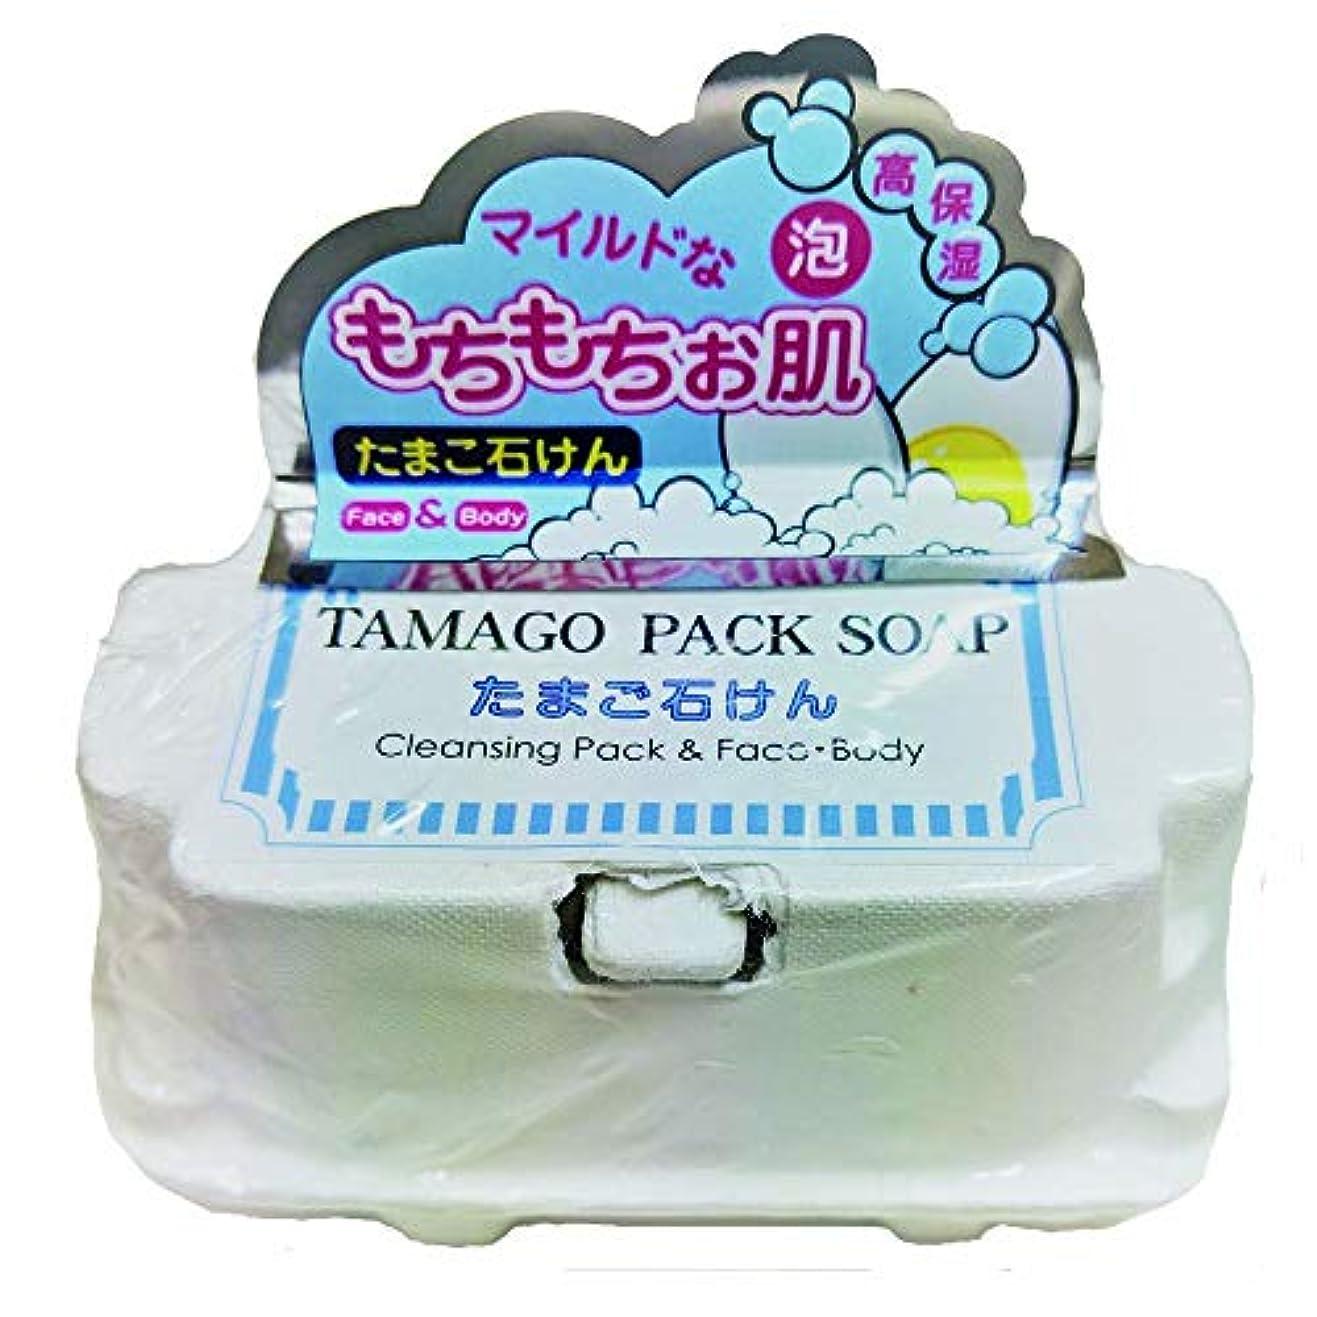 低下行列やけどドクターアト たまご石けん Dr.Ato TAMAGO PACK SOAP 50g×2